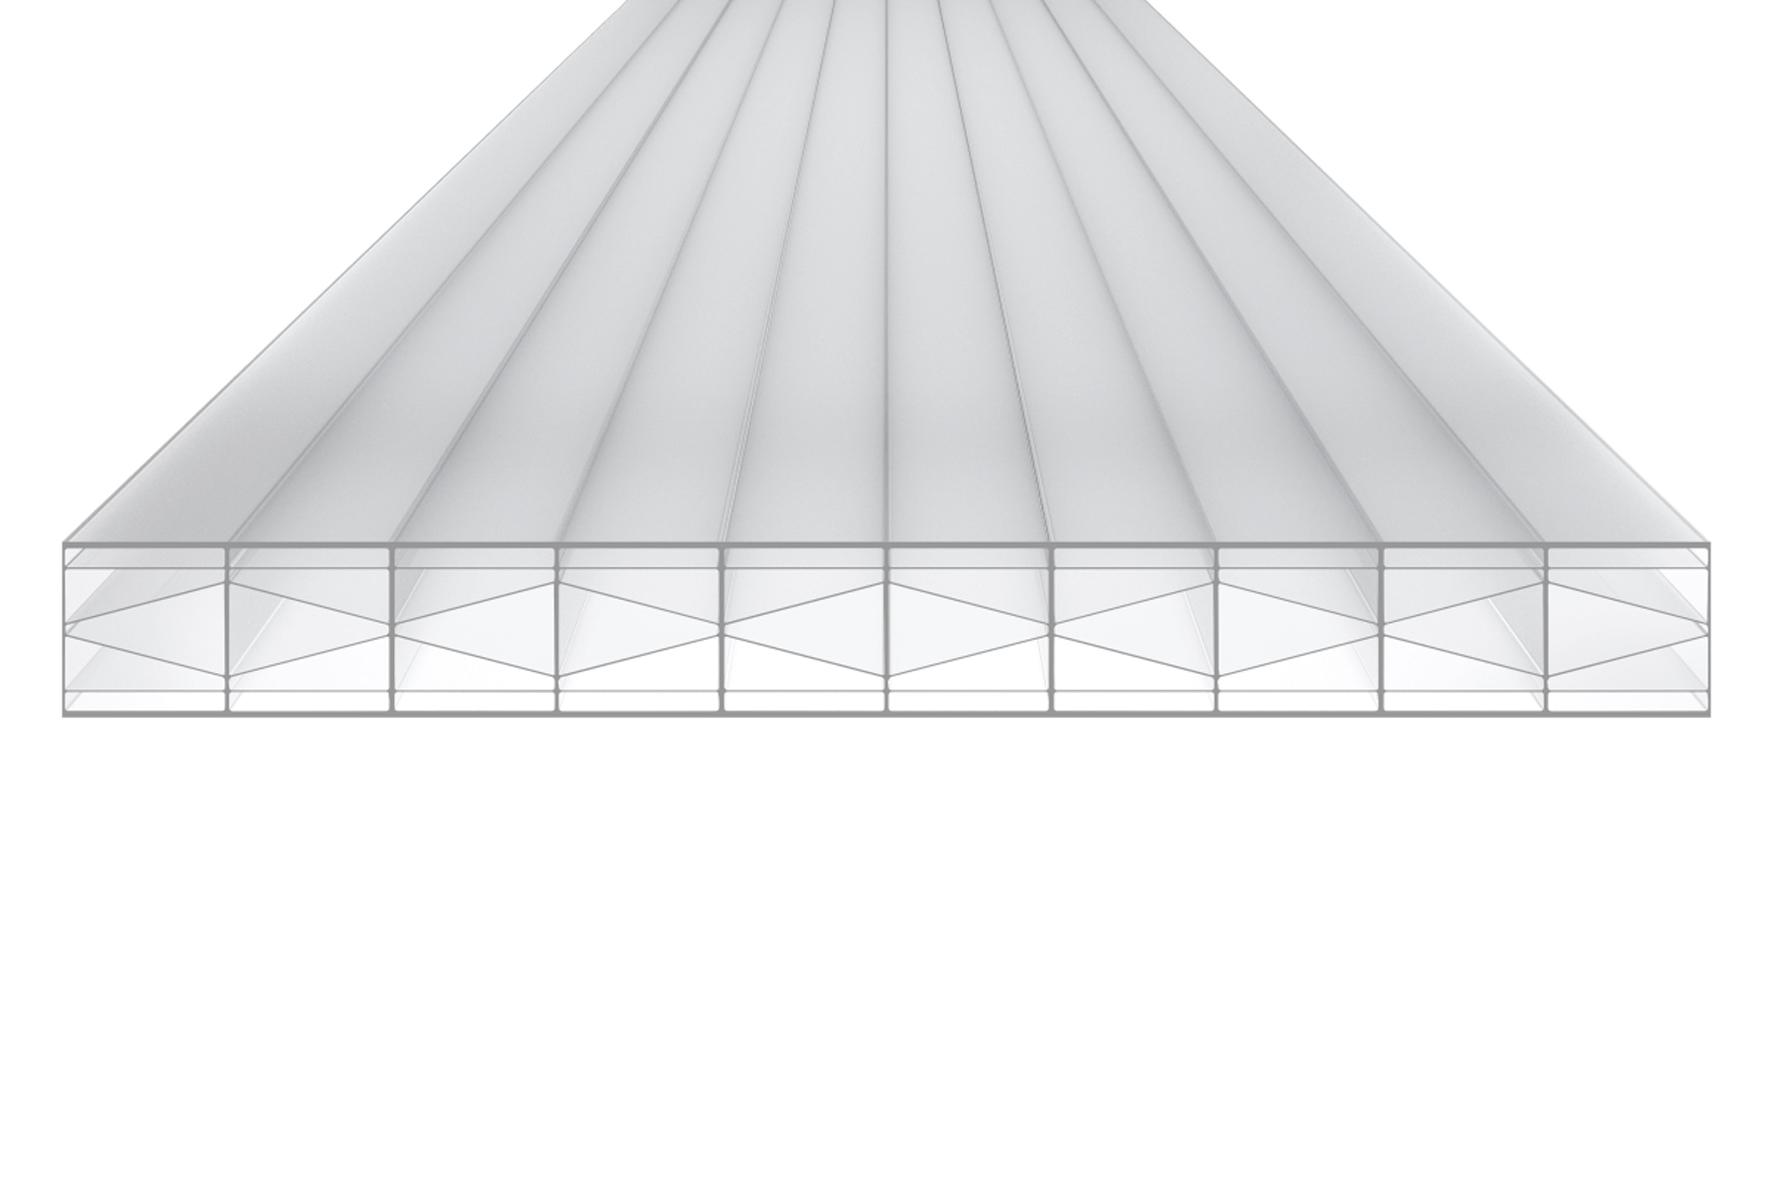 Polycarbonate pour toiture 16mm achat en ligne ou dans notre magasin - Polycarbonate 16mm prix ...